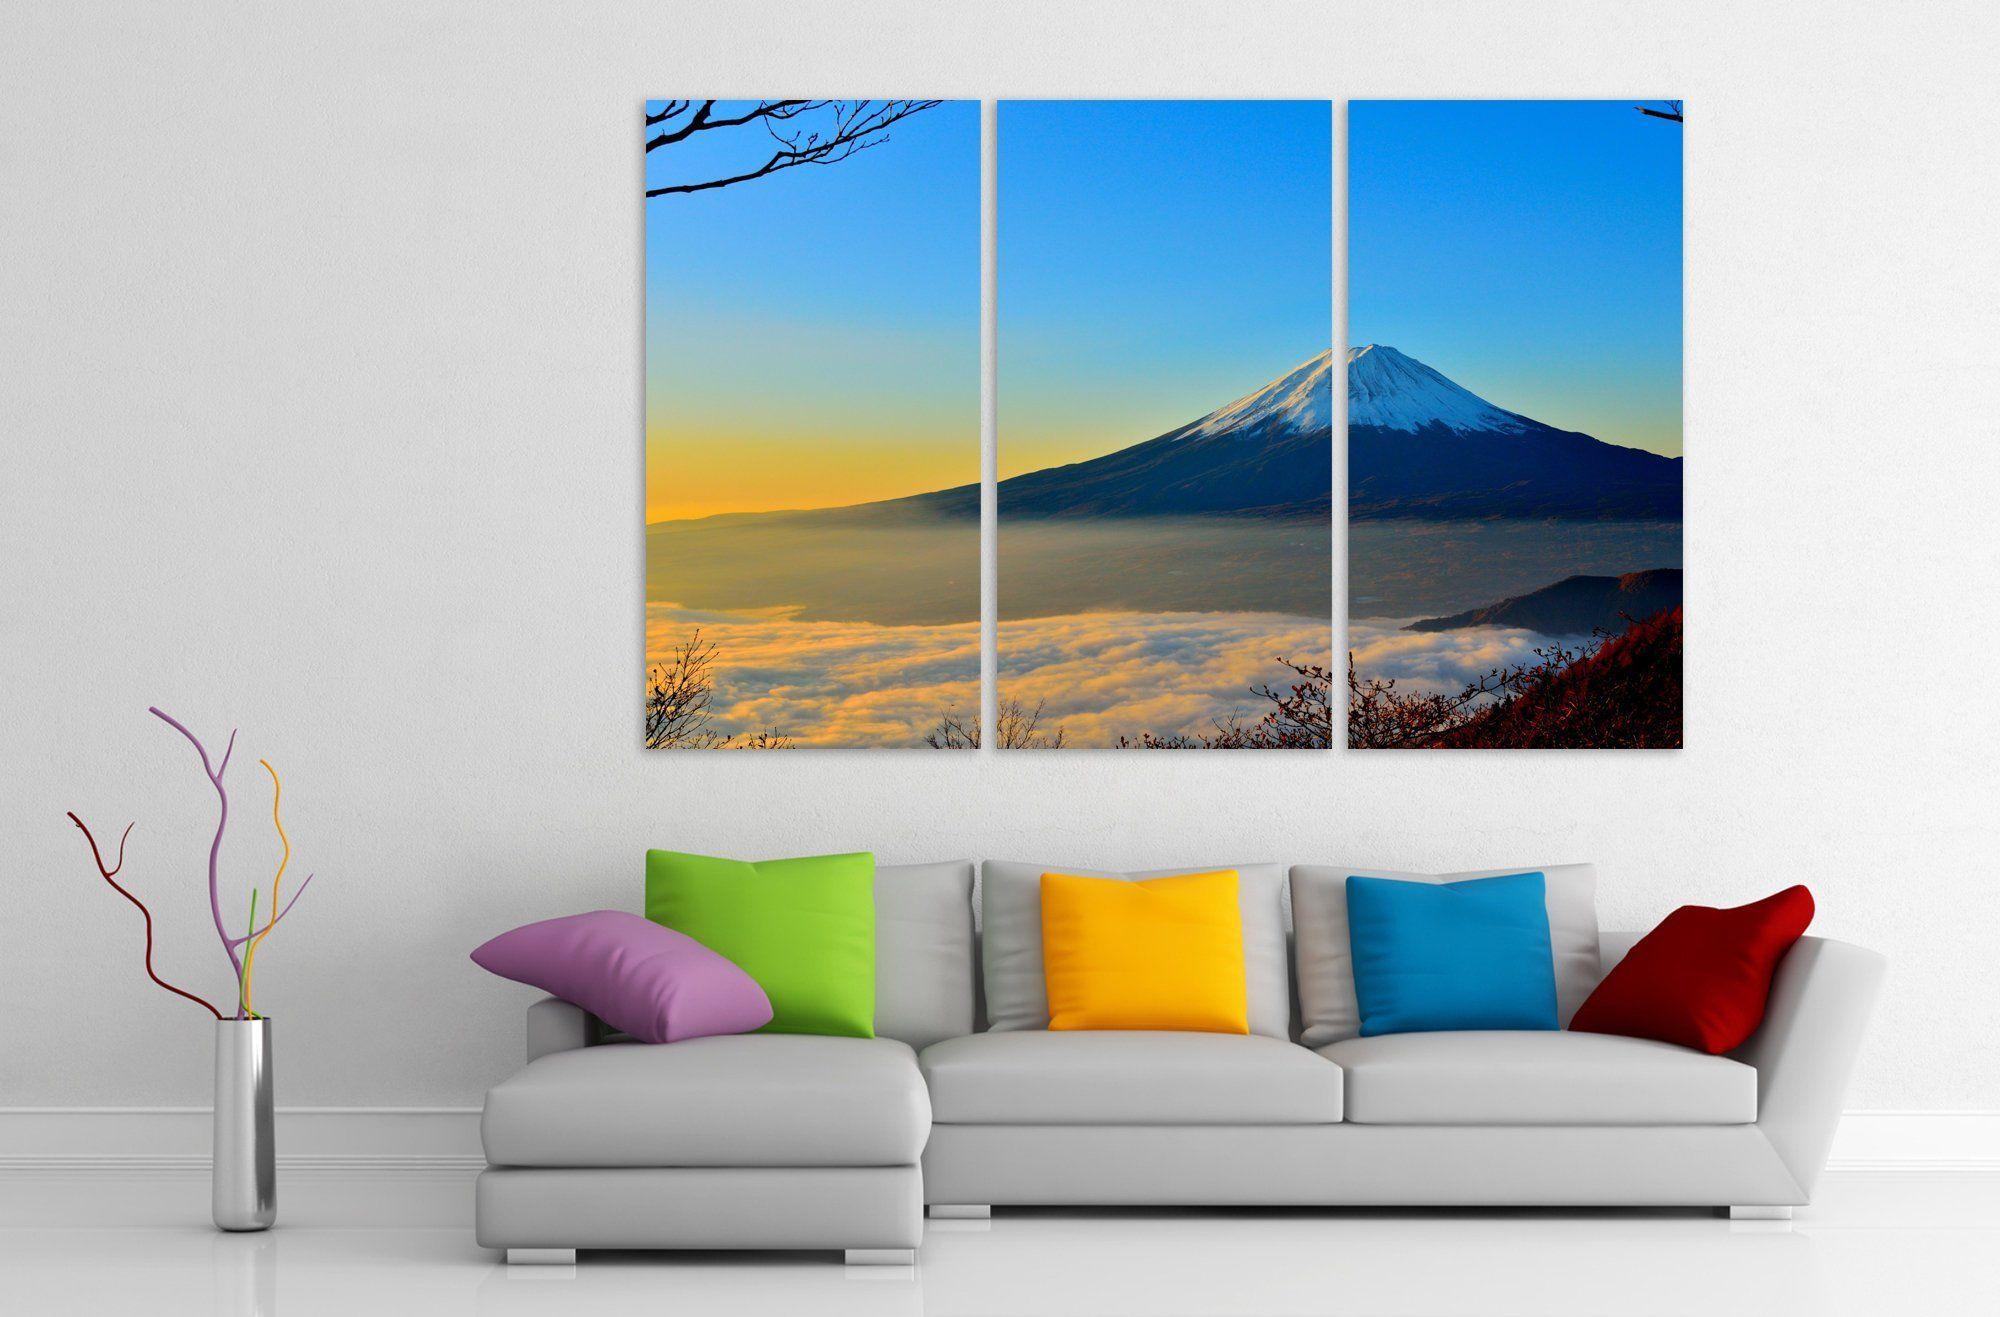 Mount Fuji Japanese Wall Art Extra Large Canvas Extralargewalldecor Extralargeprint Homedecor Canvasart Japanese Wall Art Japanese Wall Extra Large Canvas